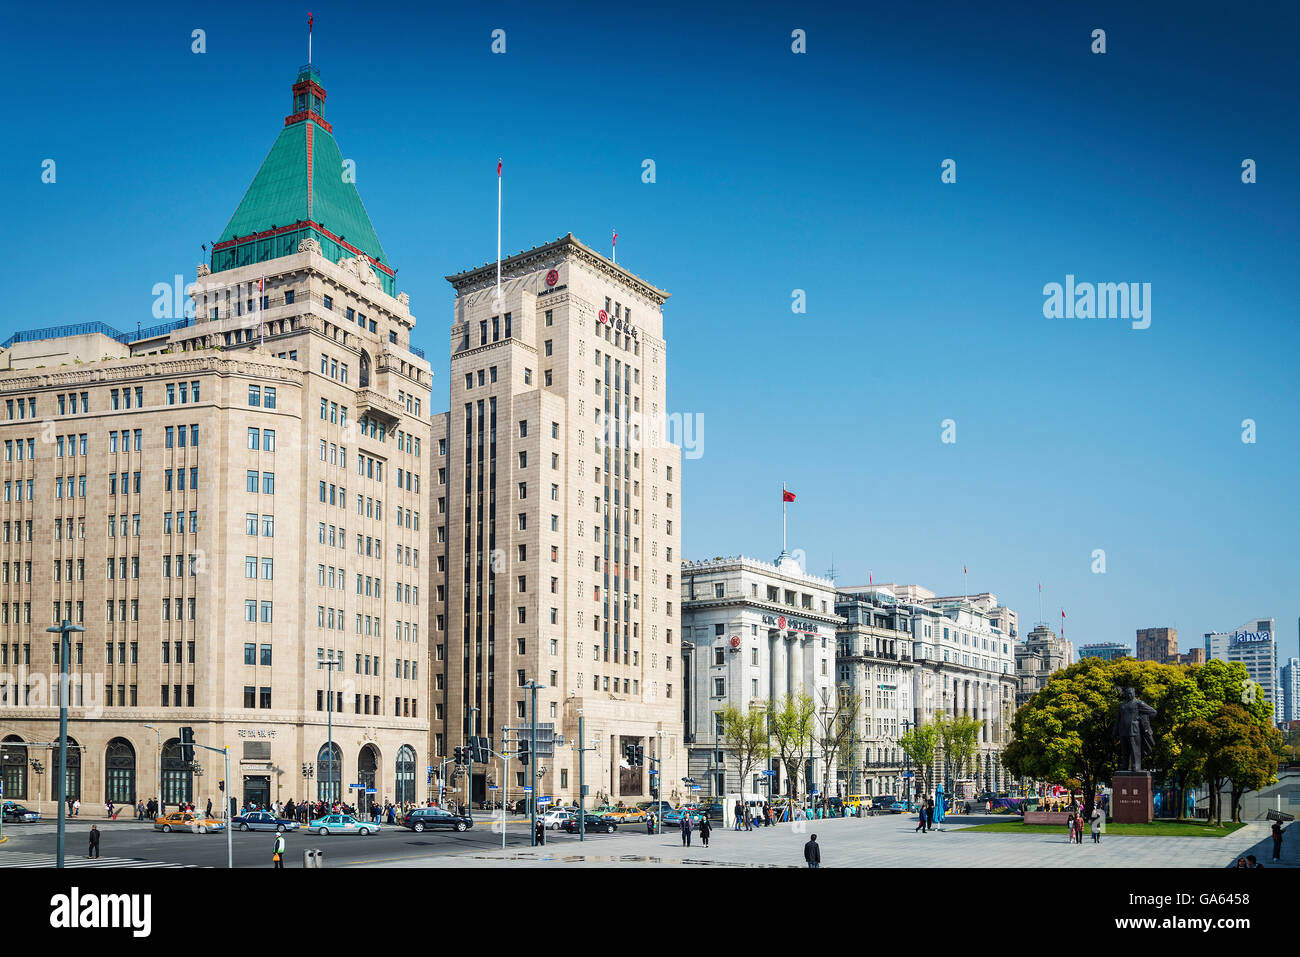 Bund Riverside patrimoine colonial européen monument du centre de la ville de Shanghai Chine Photo Stock